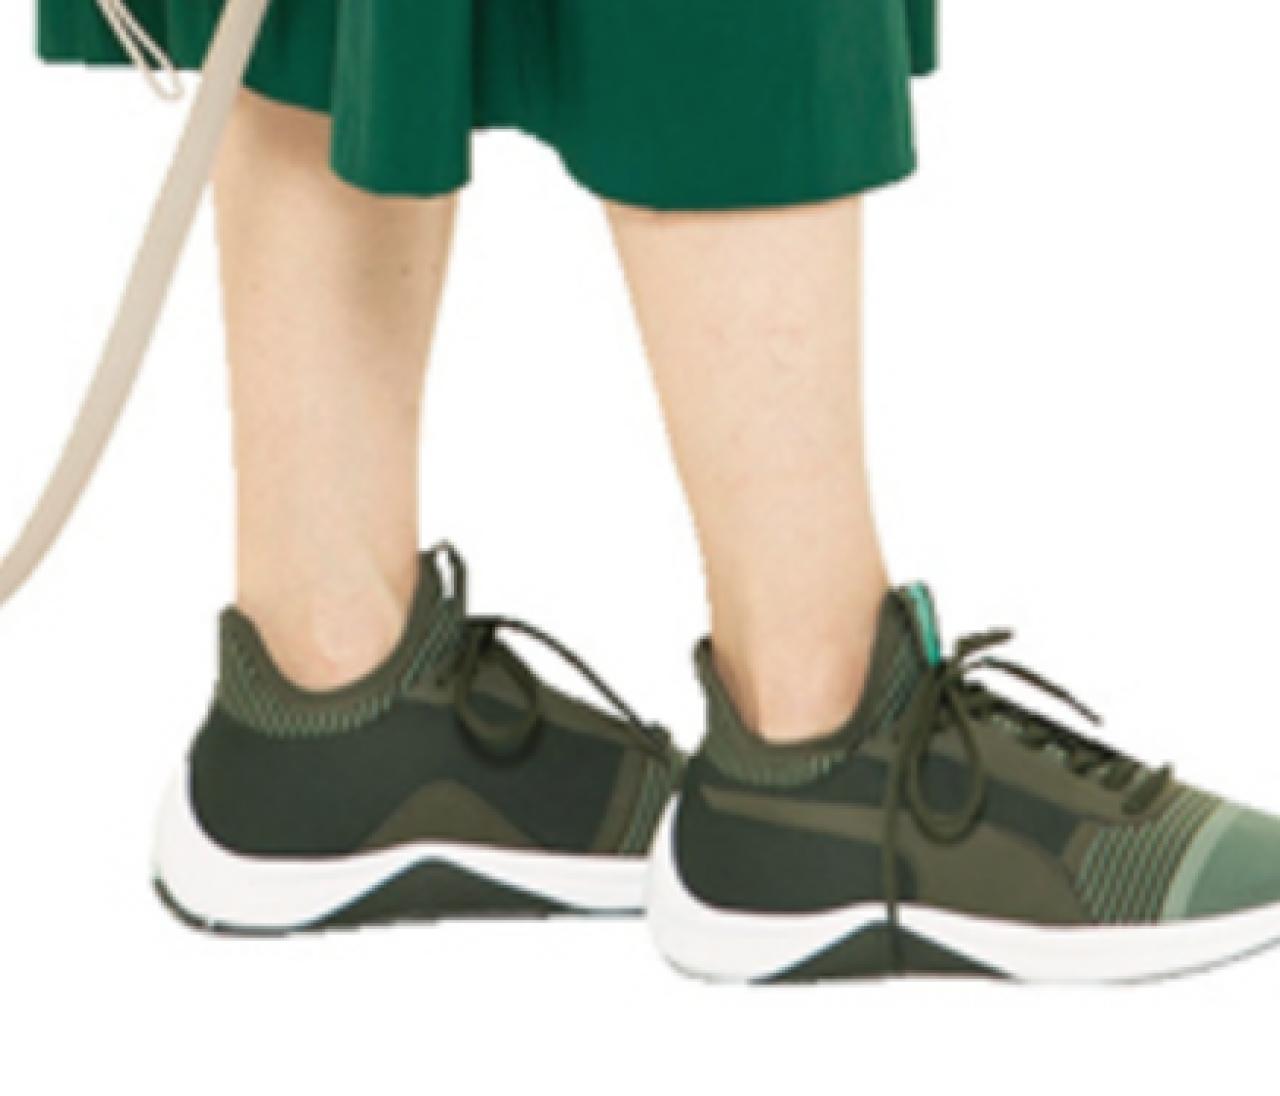 【ベーシック靴ばっかり症候群】のOLが今すぐ買い足すべき3大新作シューズ